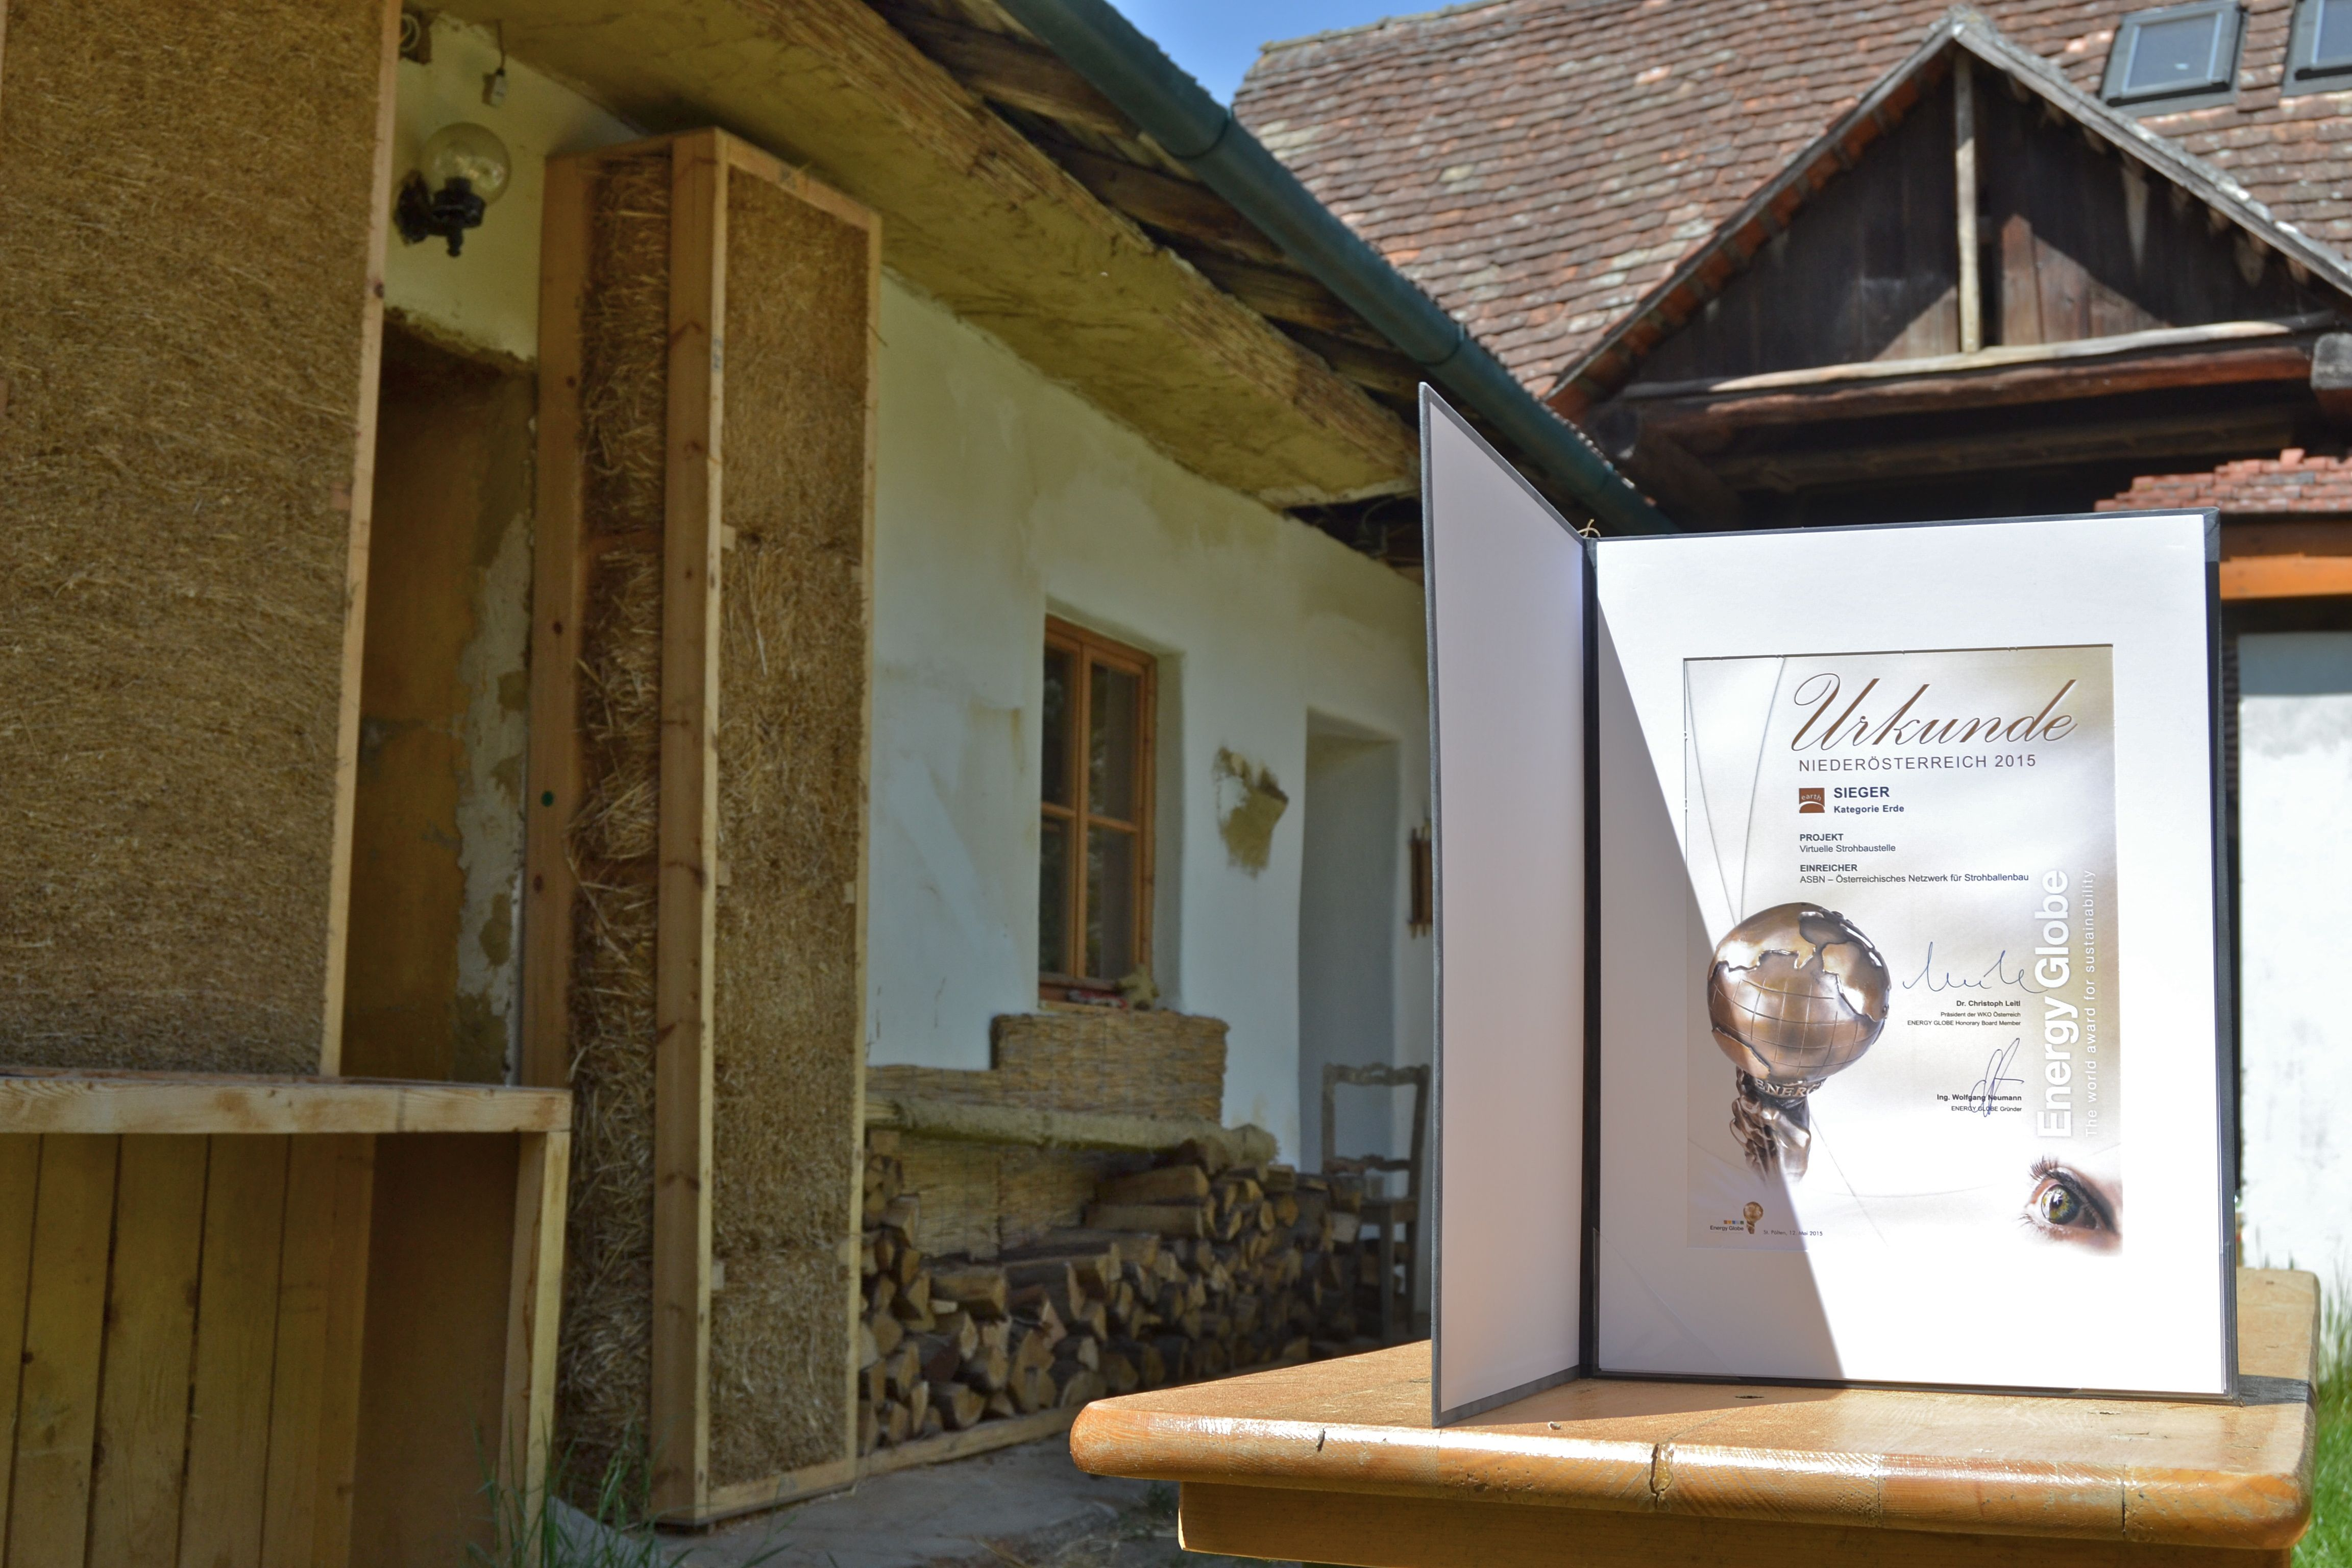 Energy Globe Award für die Virtuelle Baustelle in Ravelsbach